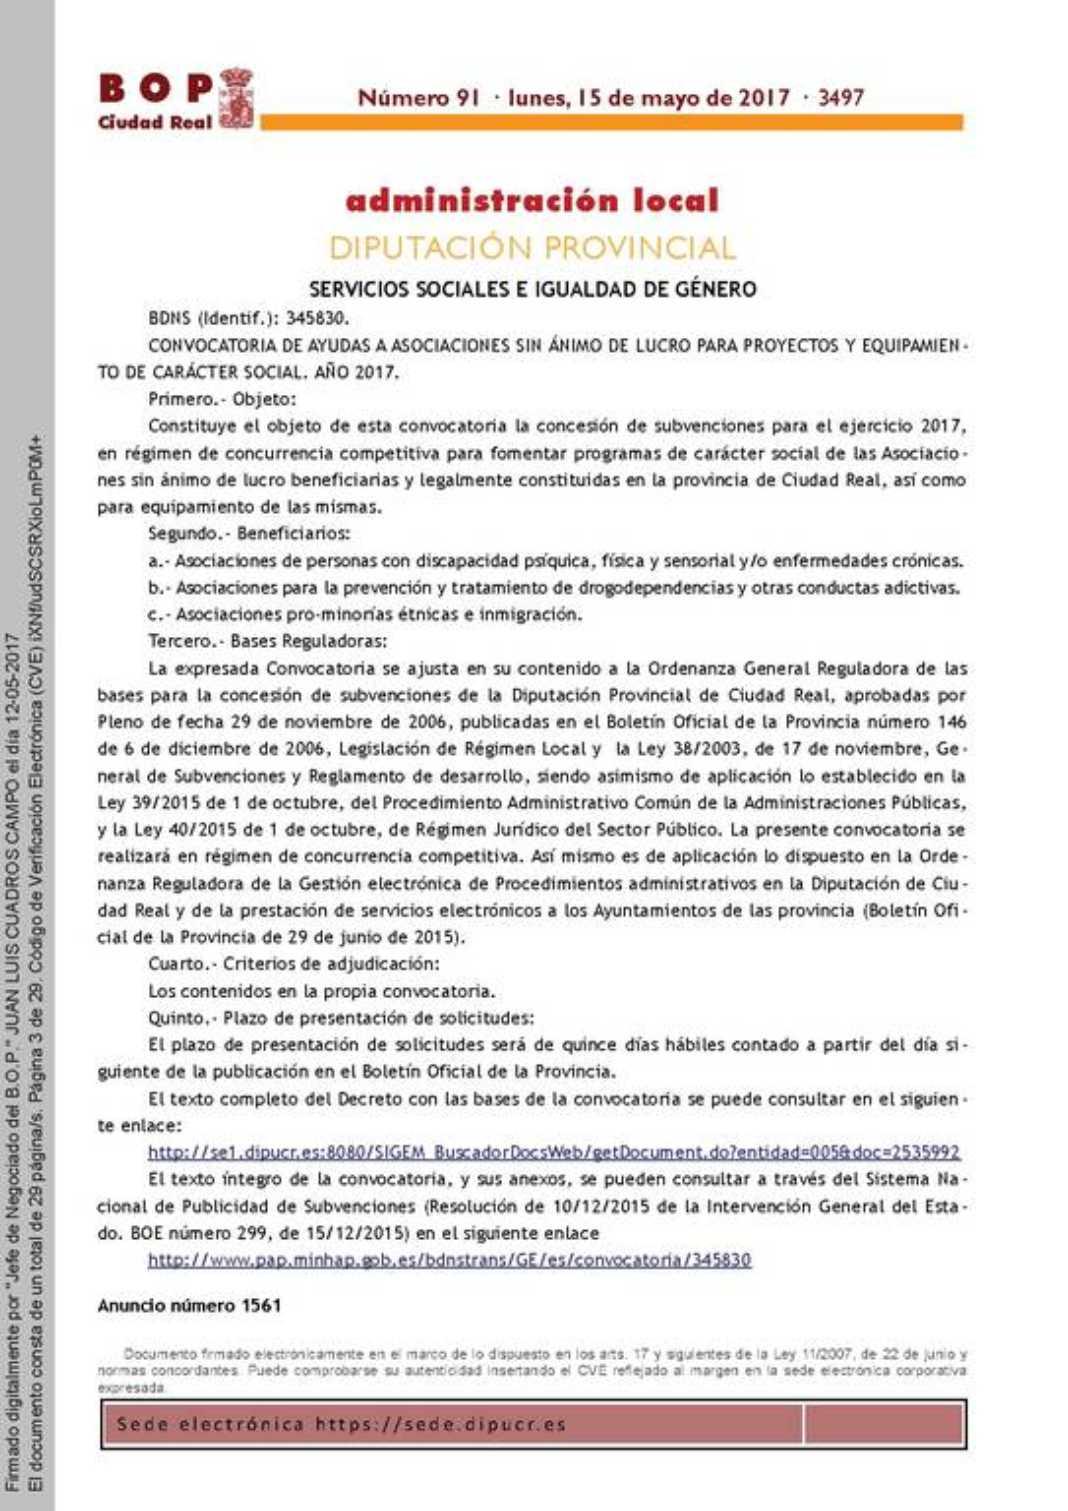 Diputación saca su Convocatoria de ayudas para proyectos y equipamiento de carácter social 2